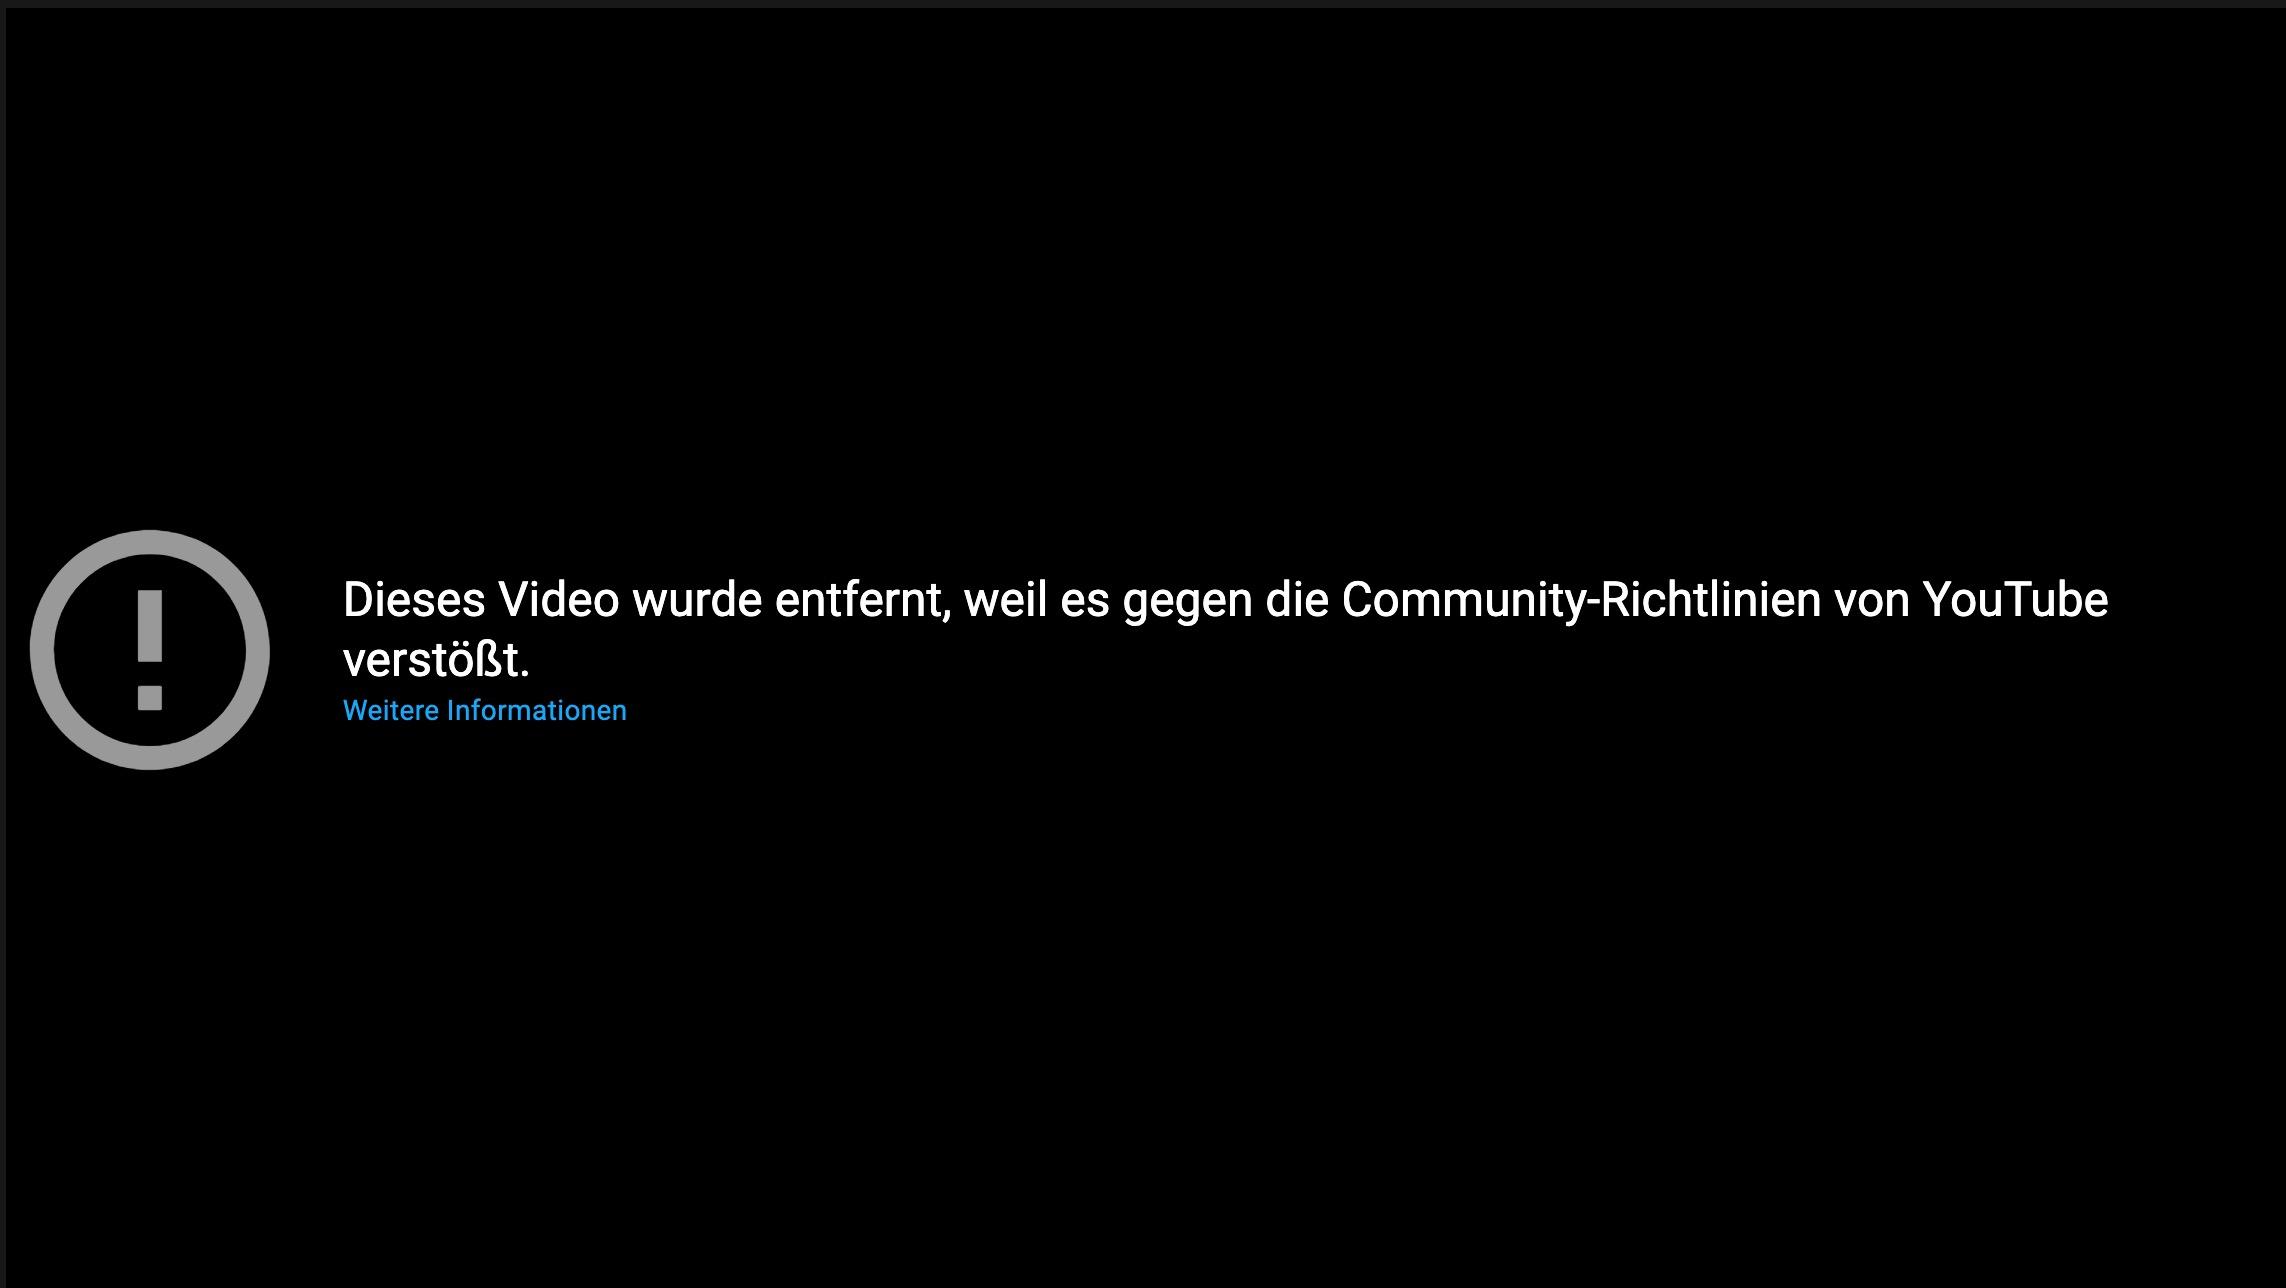 youtubes-losch-unkultur-ist-eine-massive-einschrankung-der-pressefreiheit